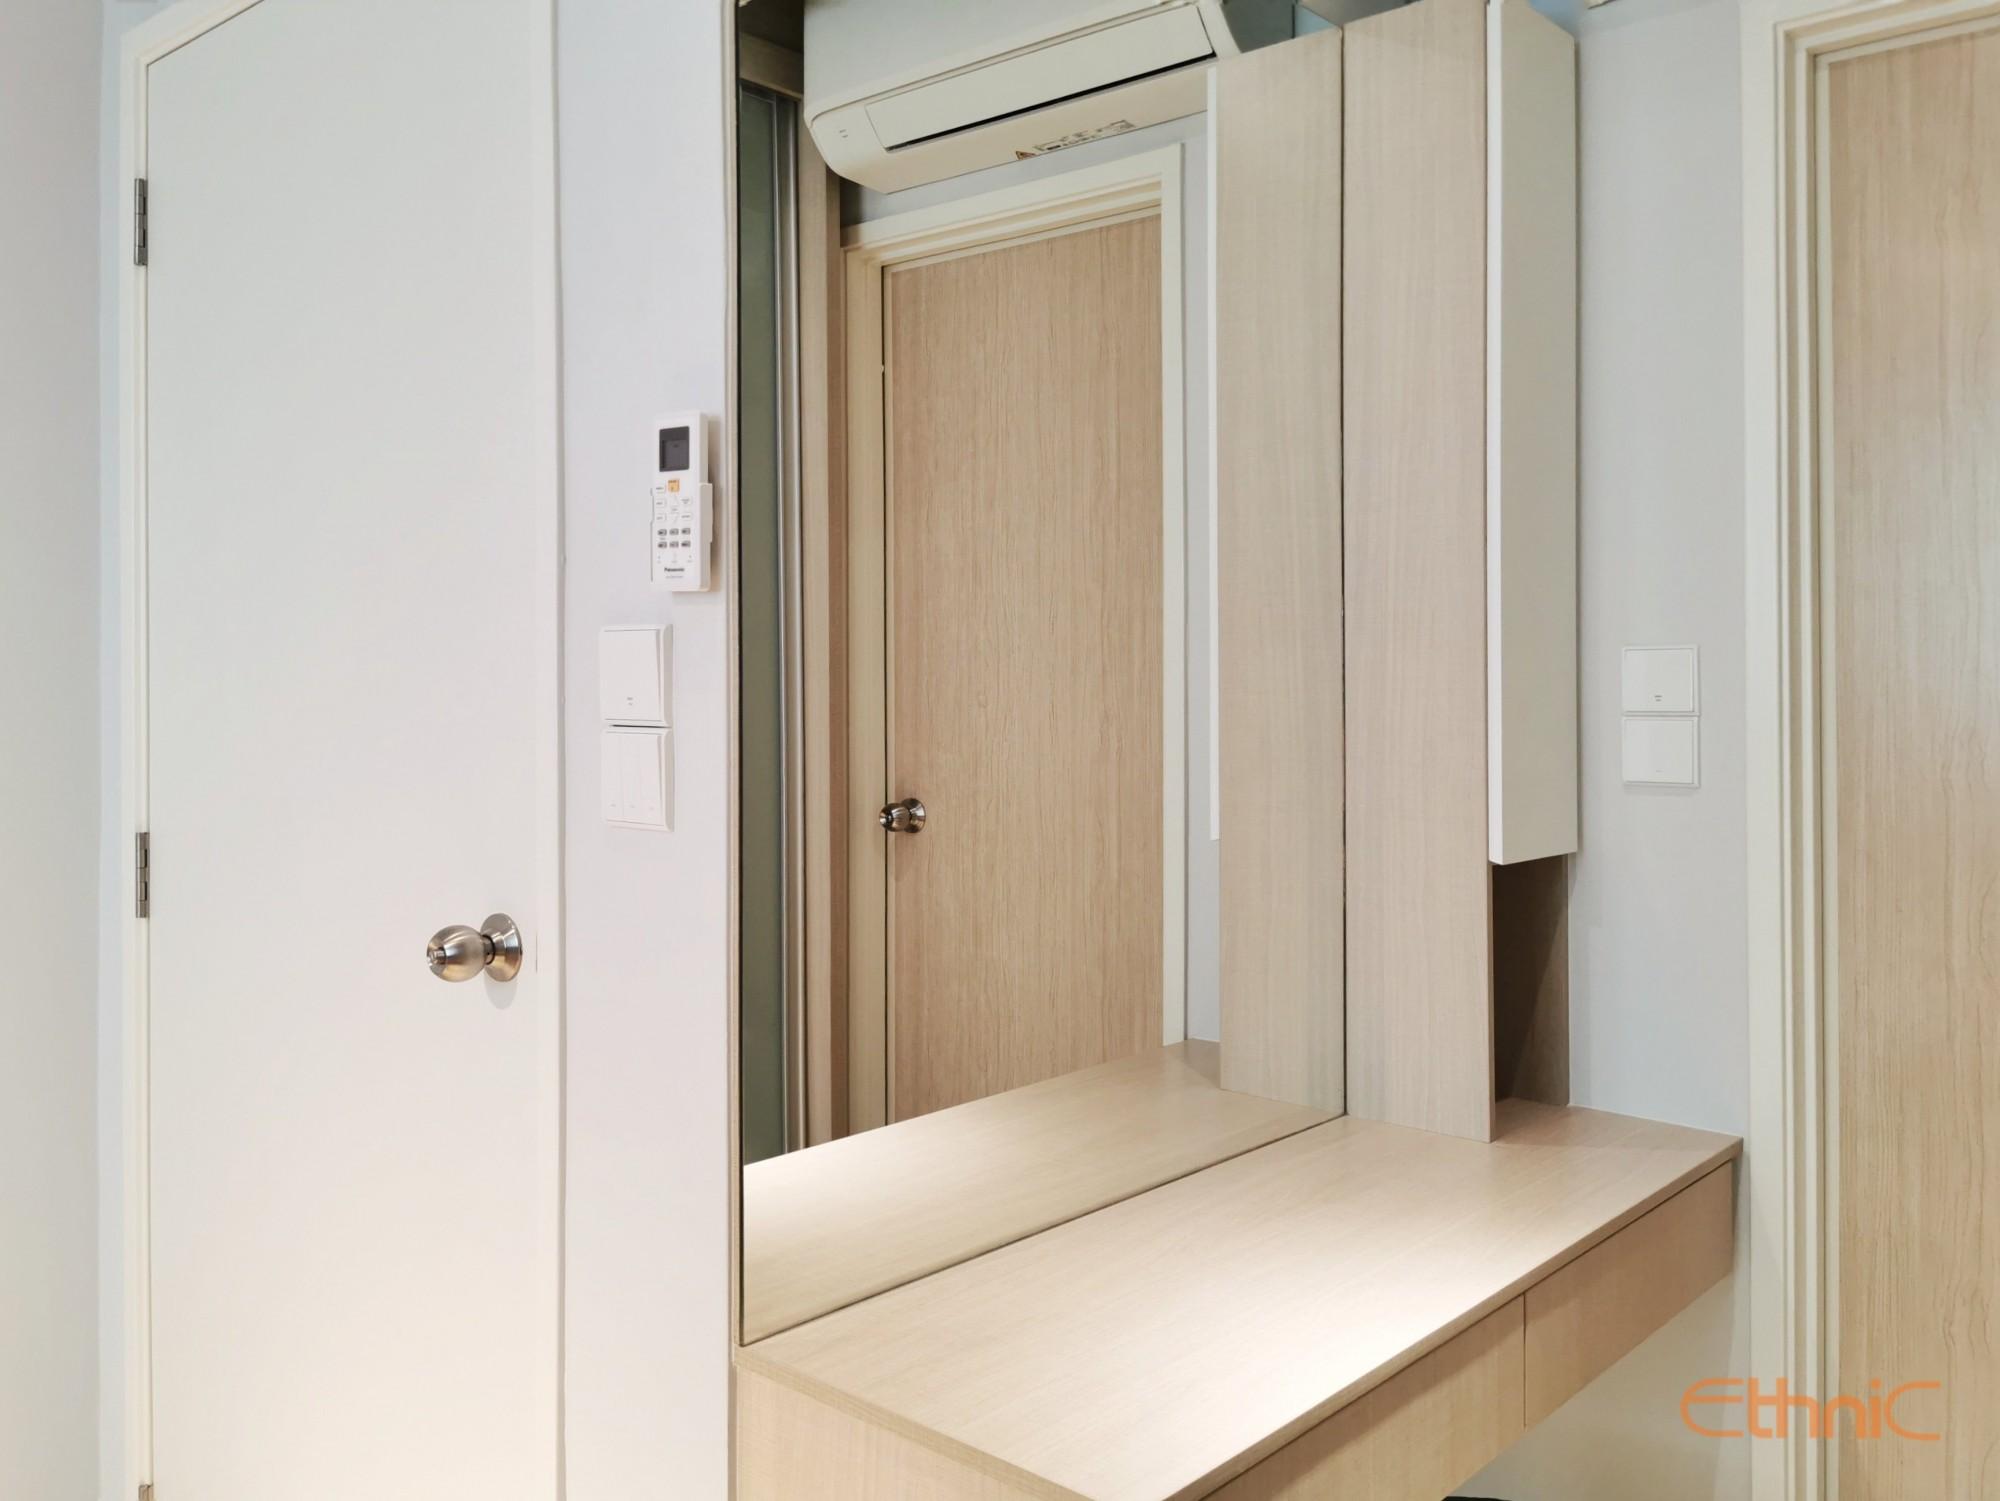 iSantorini Interior Design Penang Condominium